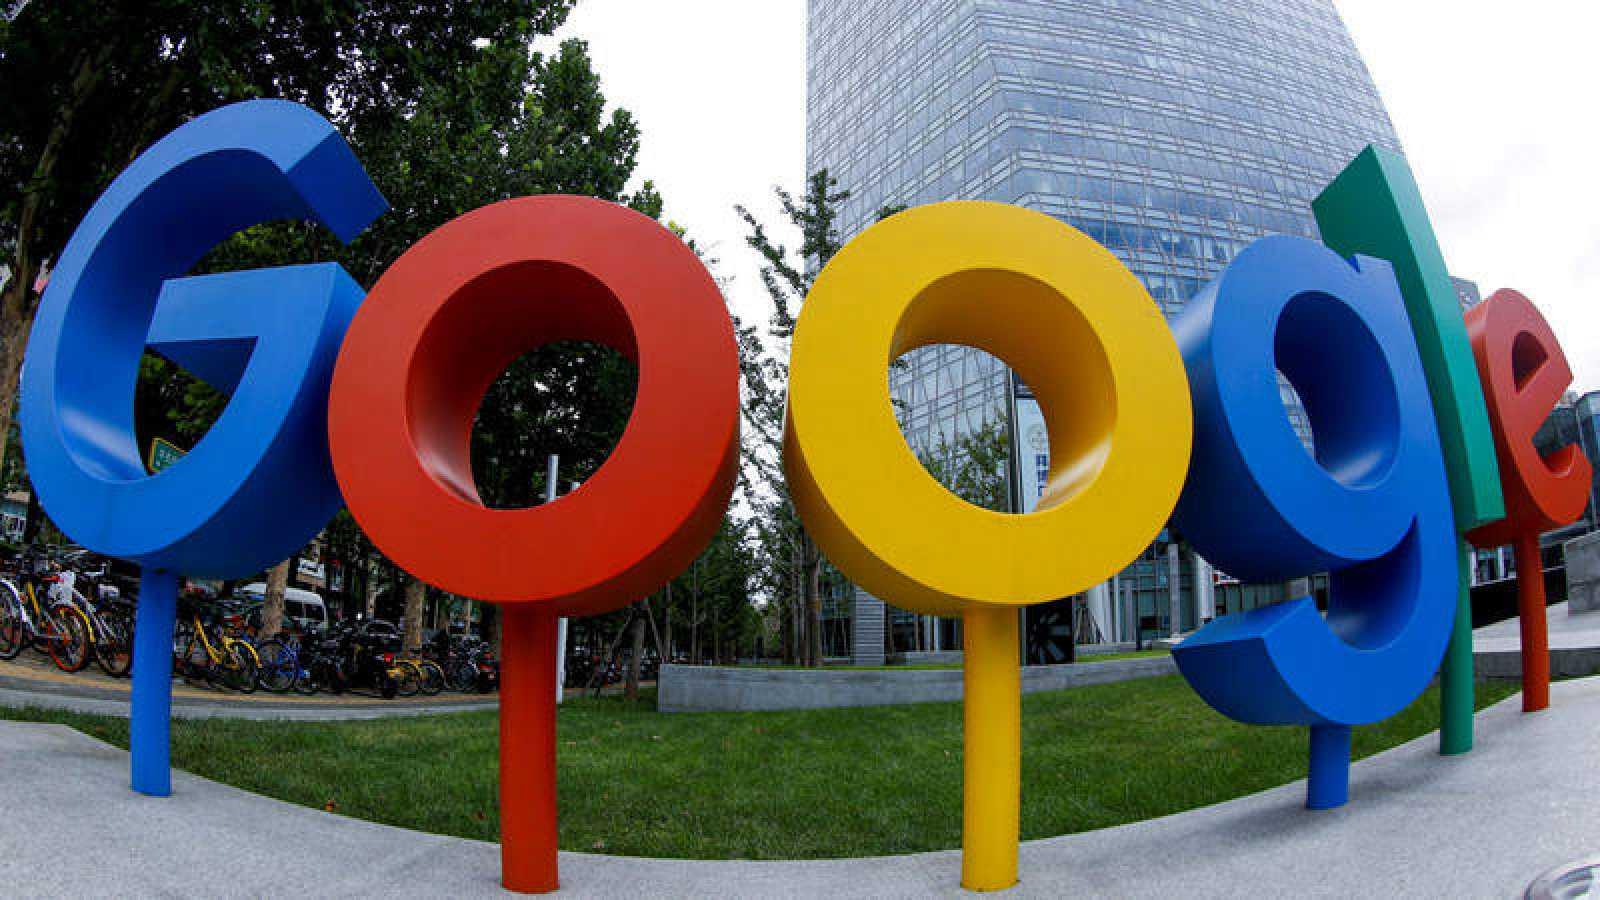 Las principales aplicaciones de Google son Maps, Gmail, el buscador Google y Youtube.